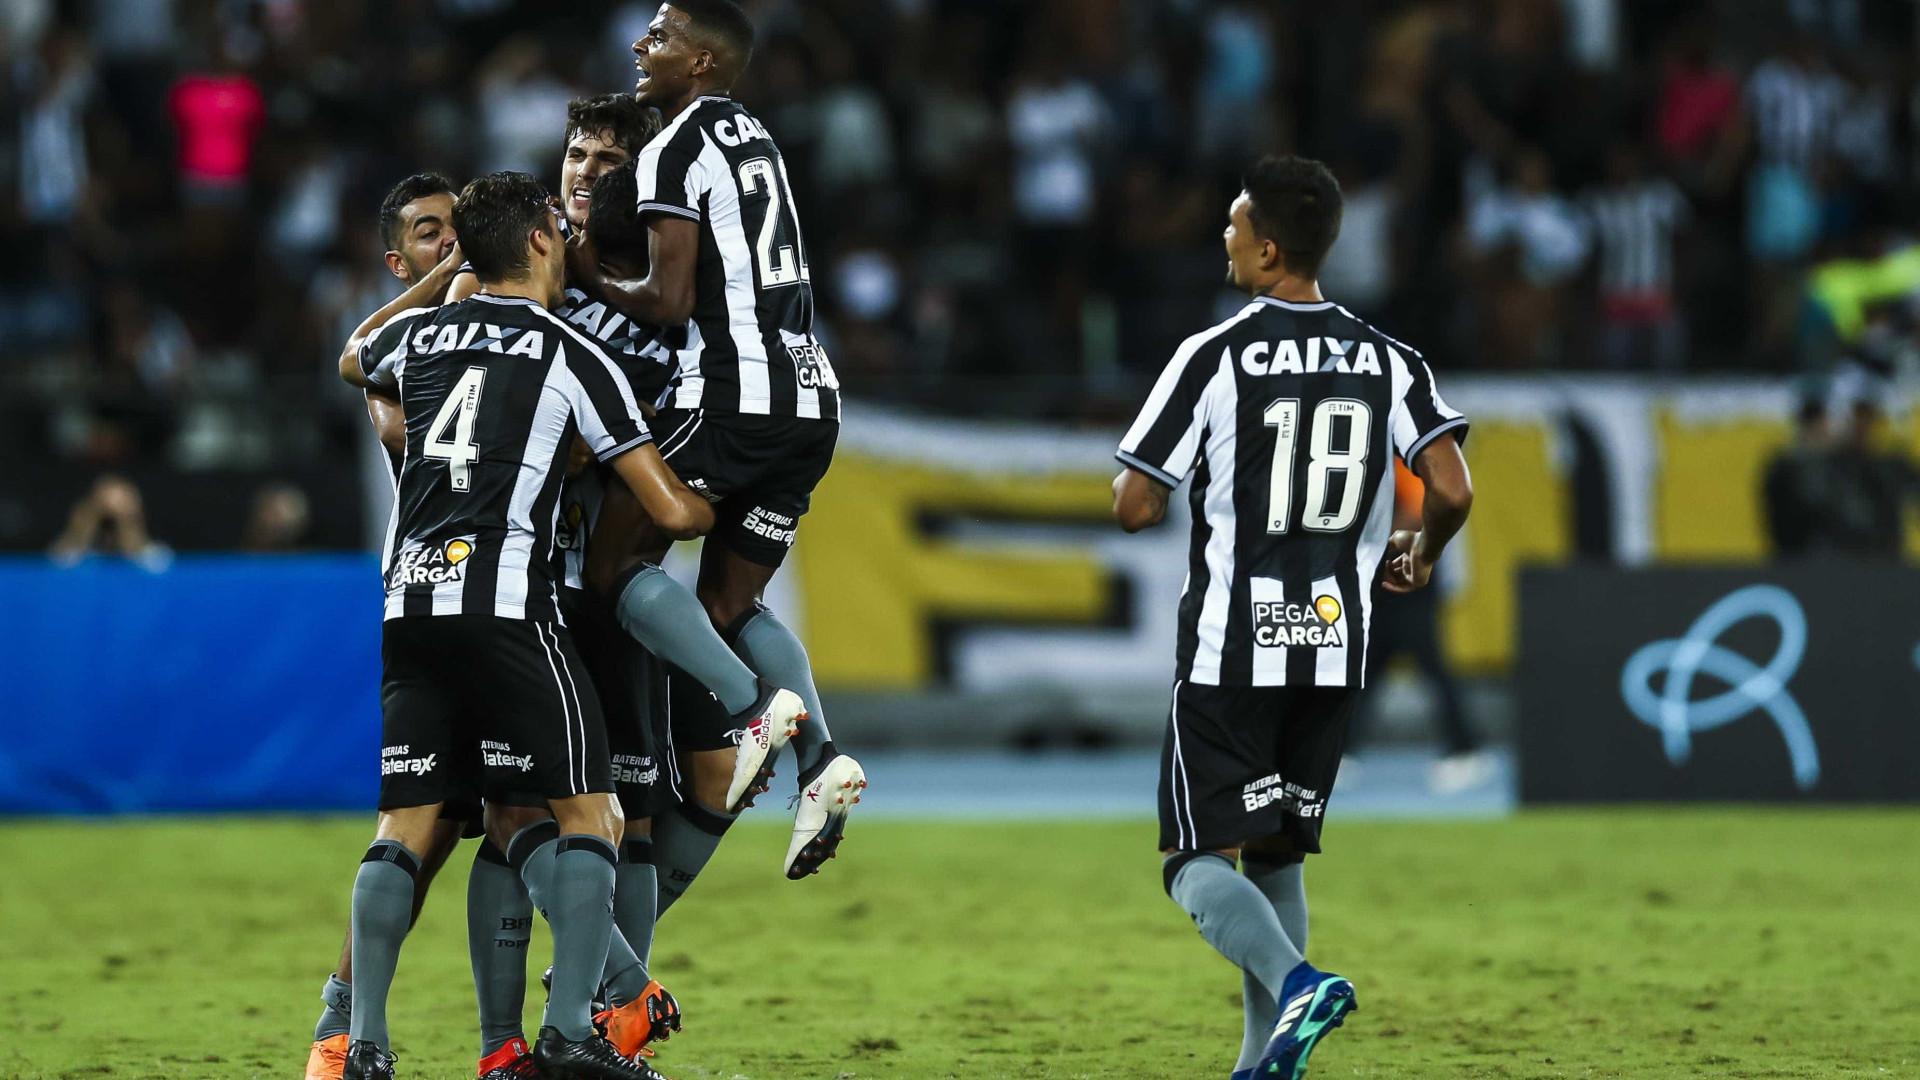 Com um gol no final, Paraná empata com Botafogo na Vila Capanema